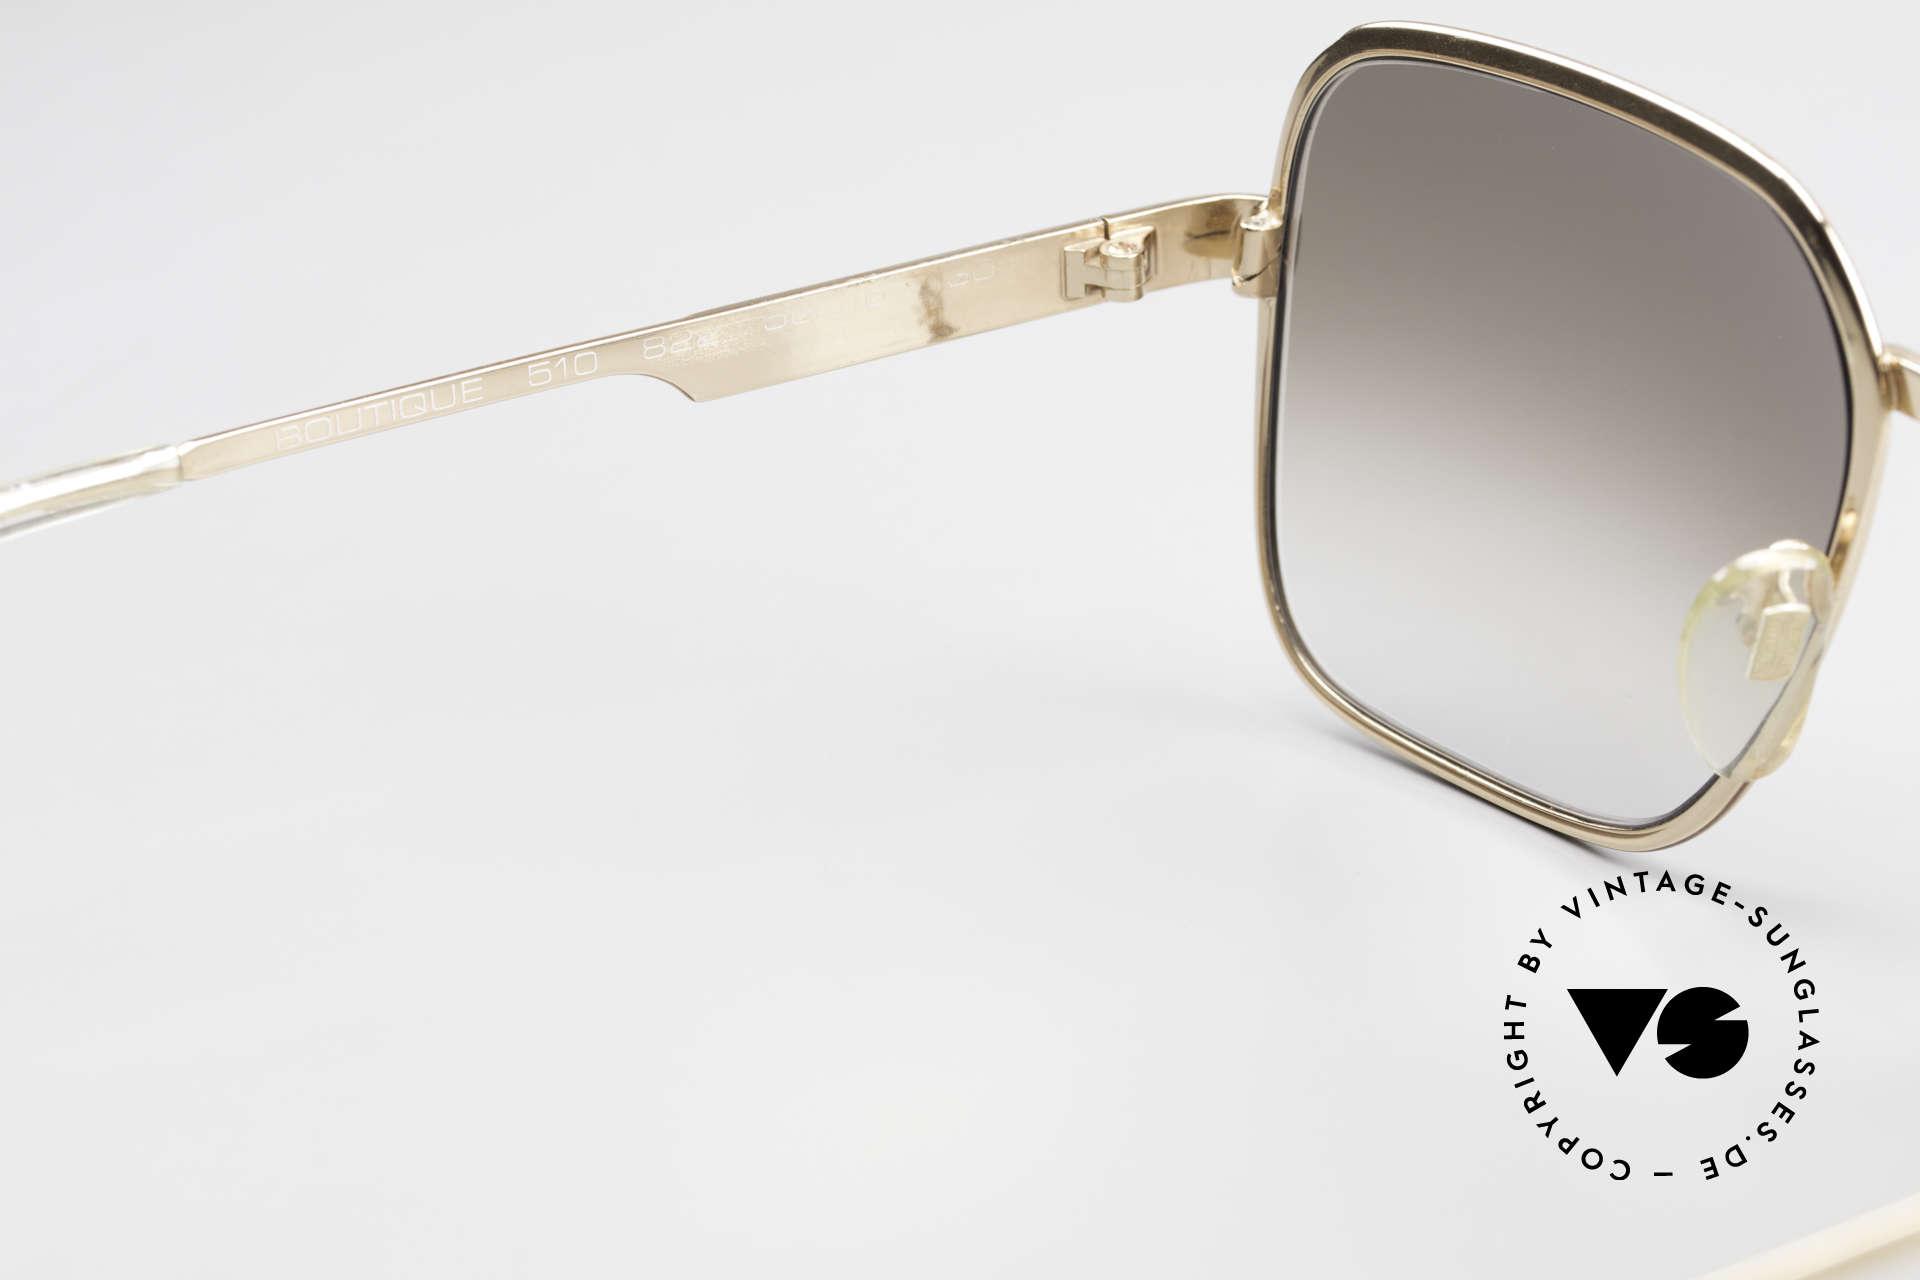 Neostyle Boutique 510 Leder Edition Vergoldet 80er, KEINE Retrobrille, sondern ein 80er Original, Passend für Herren